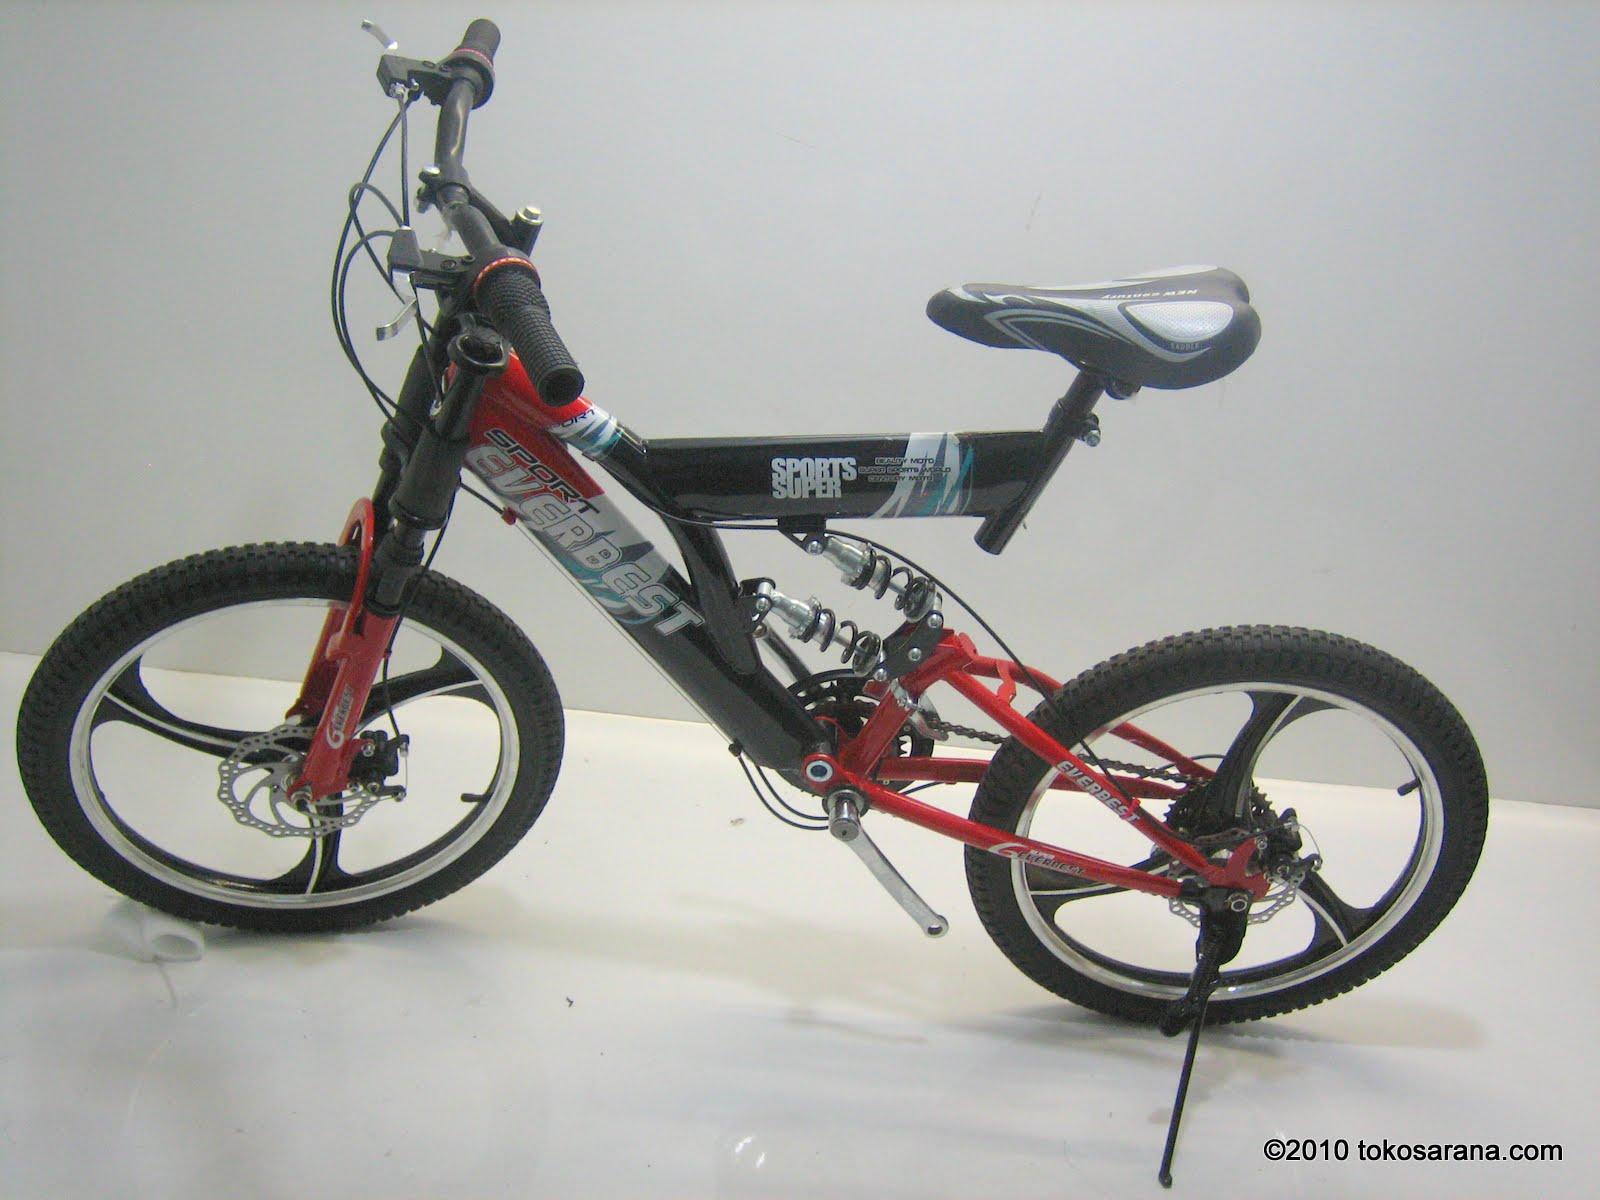 jual sepeda polygon di pekanbaru Informasi Jual Beli